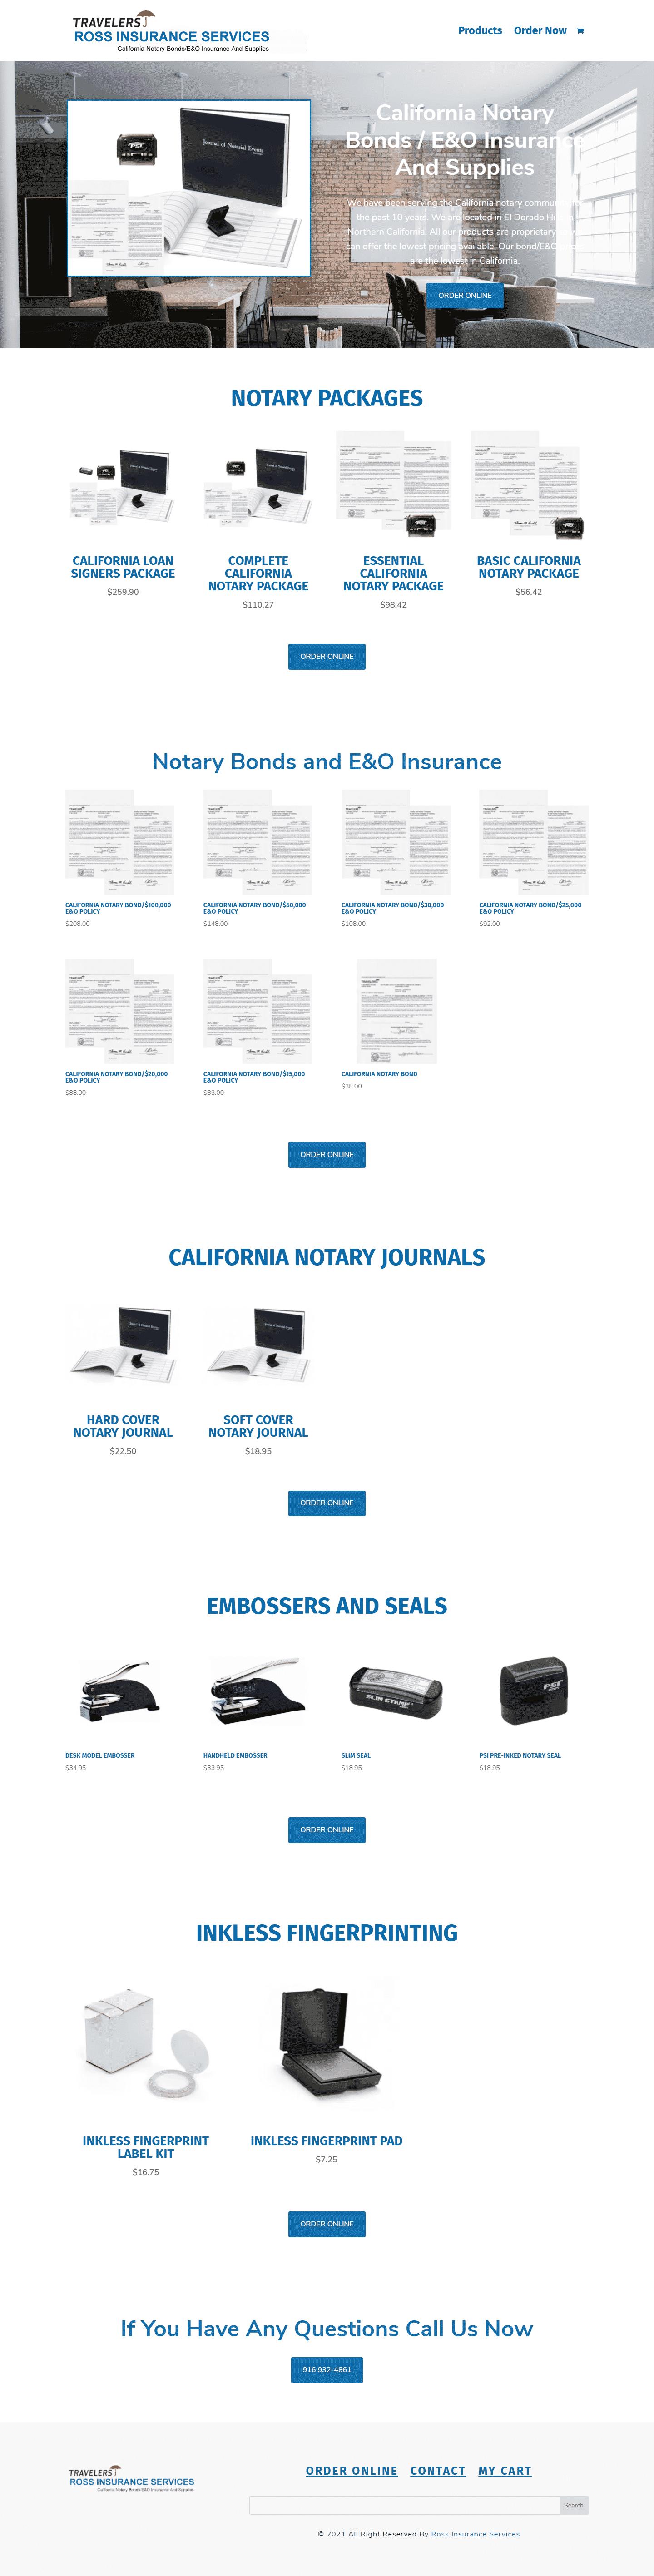 james ross insurance